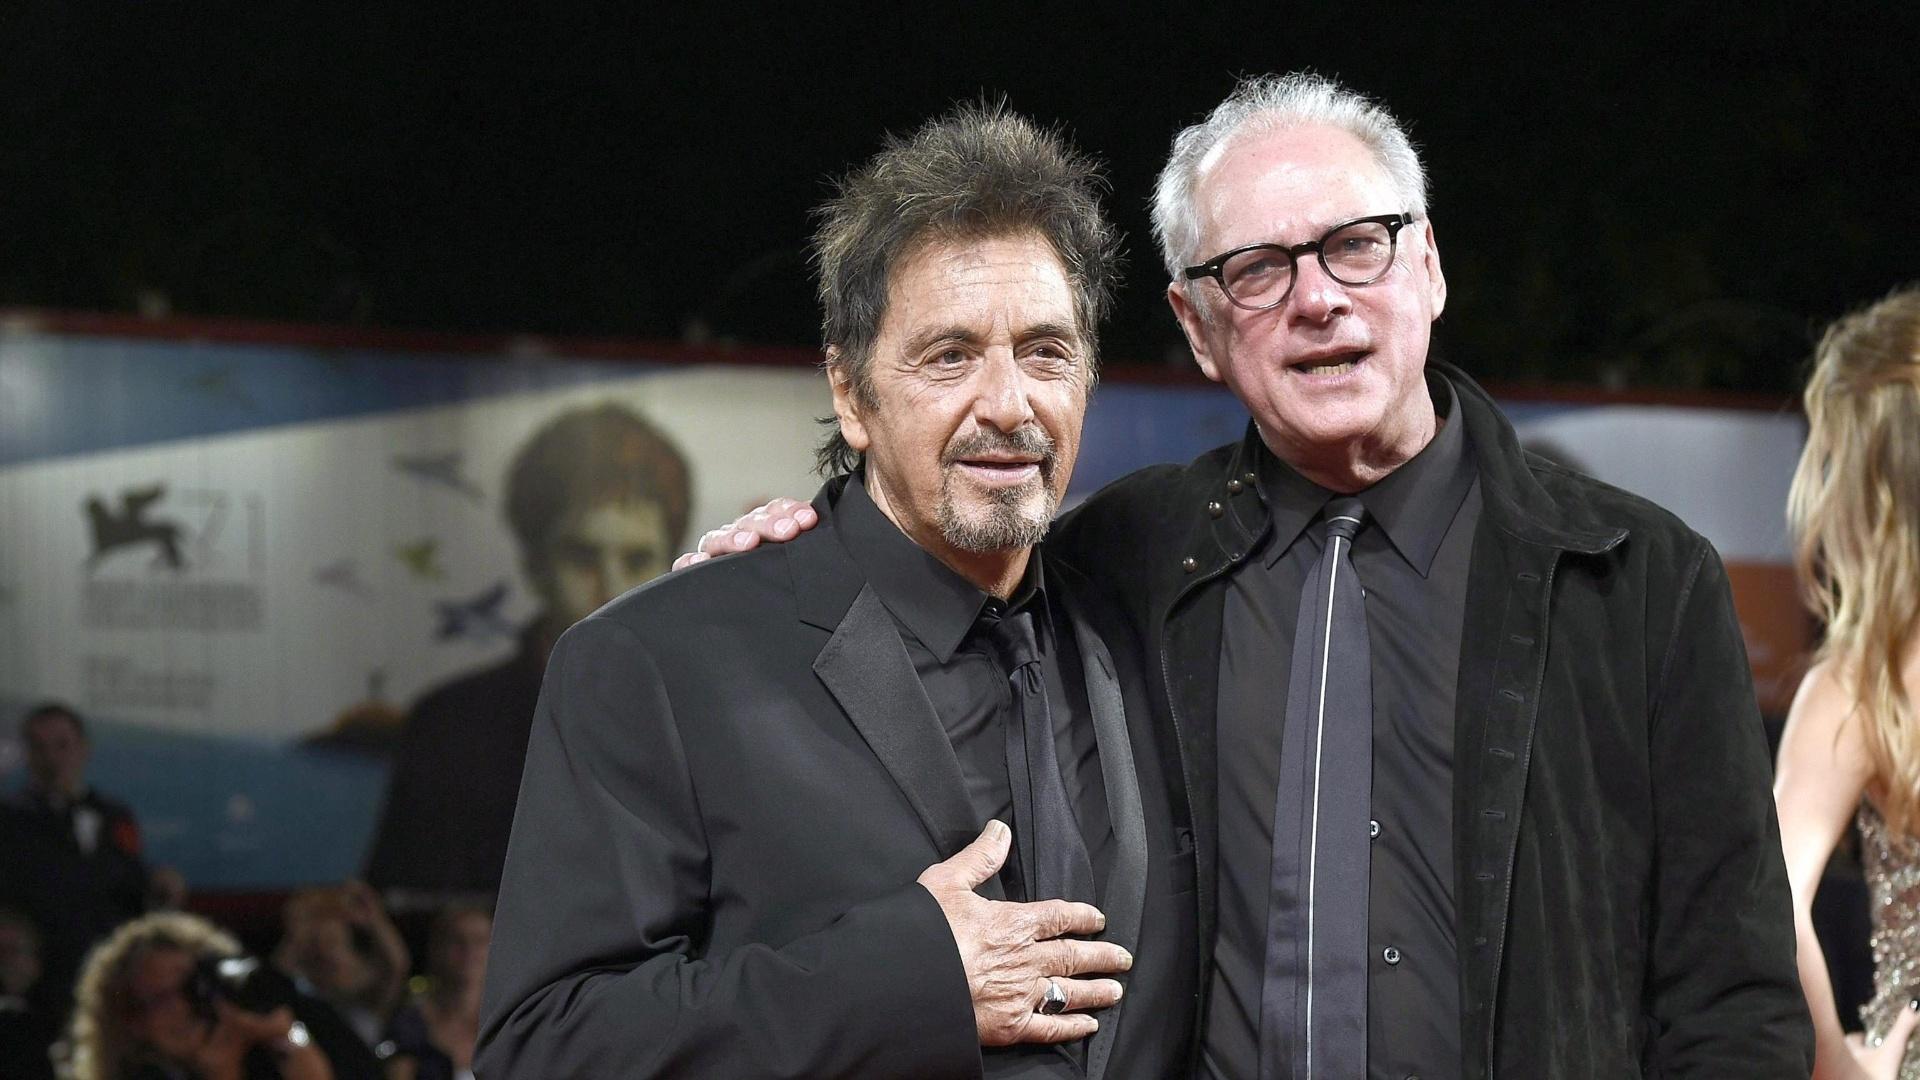 30.ago.2014 - Al Pacino abraça o diretor Barry Levinson ao chegar ao tapete vermelho do filme